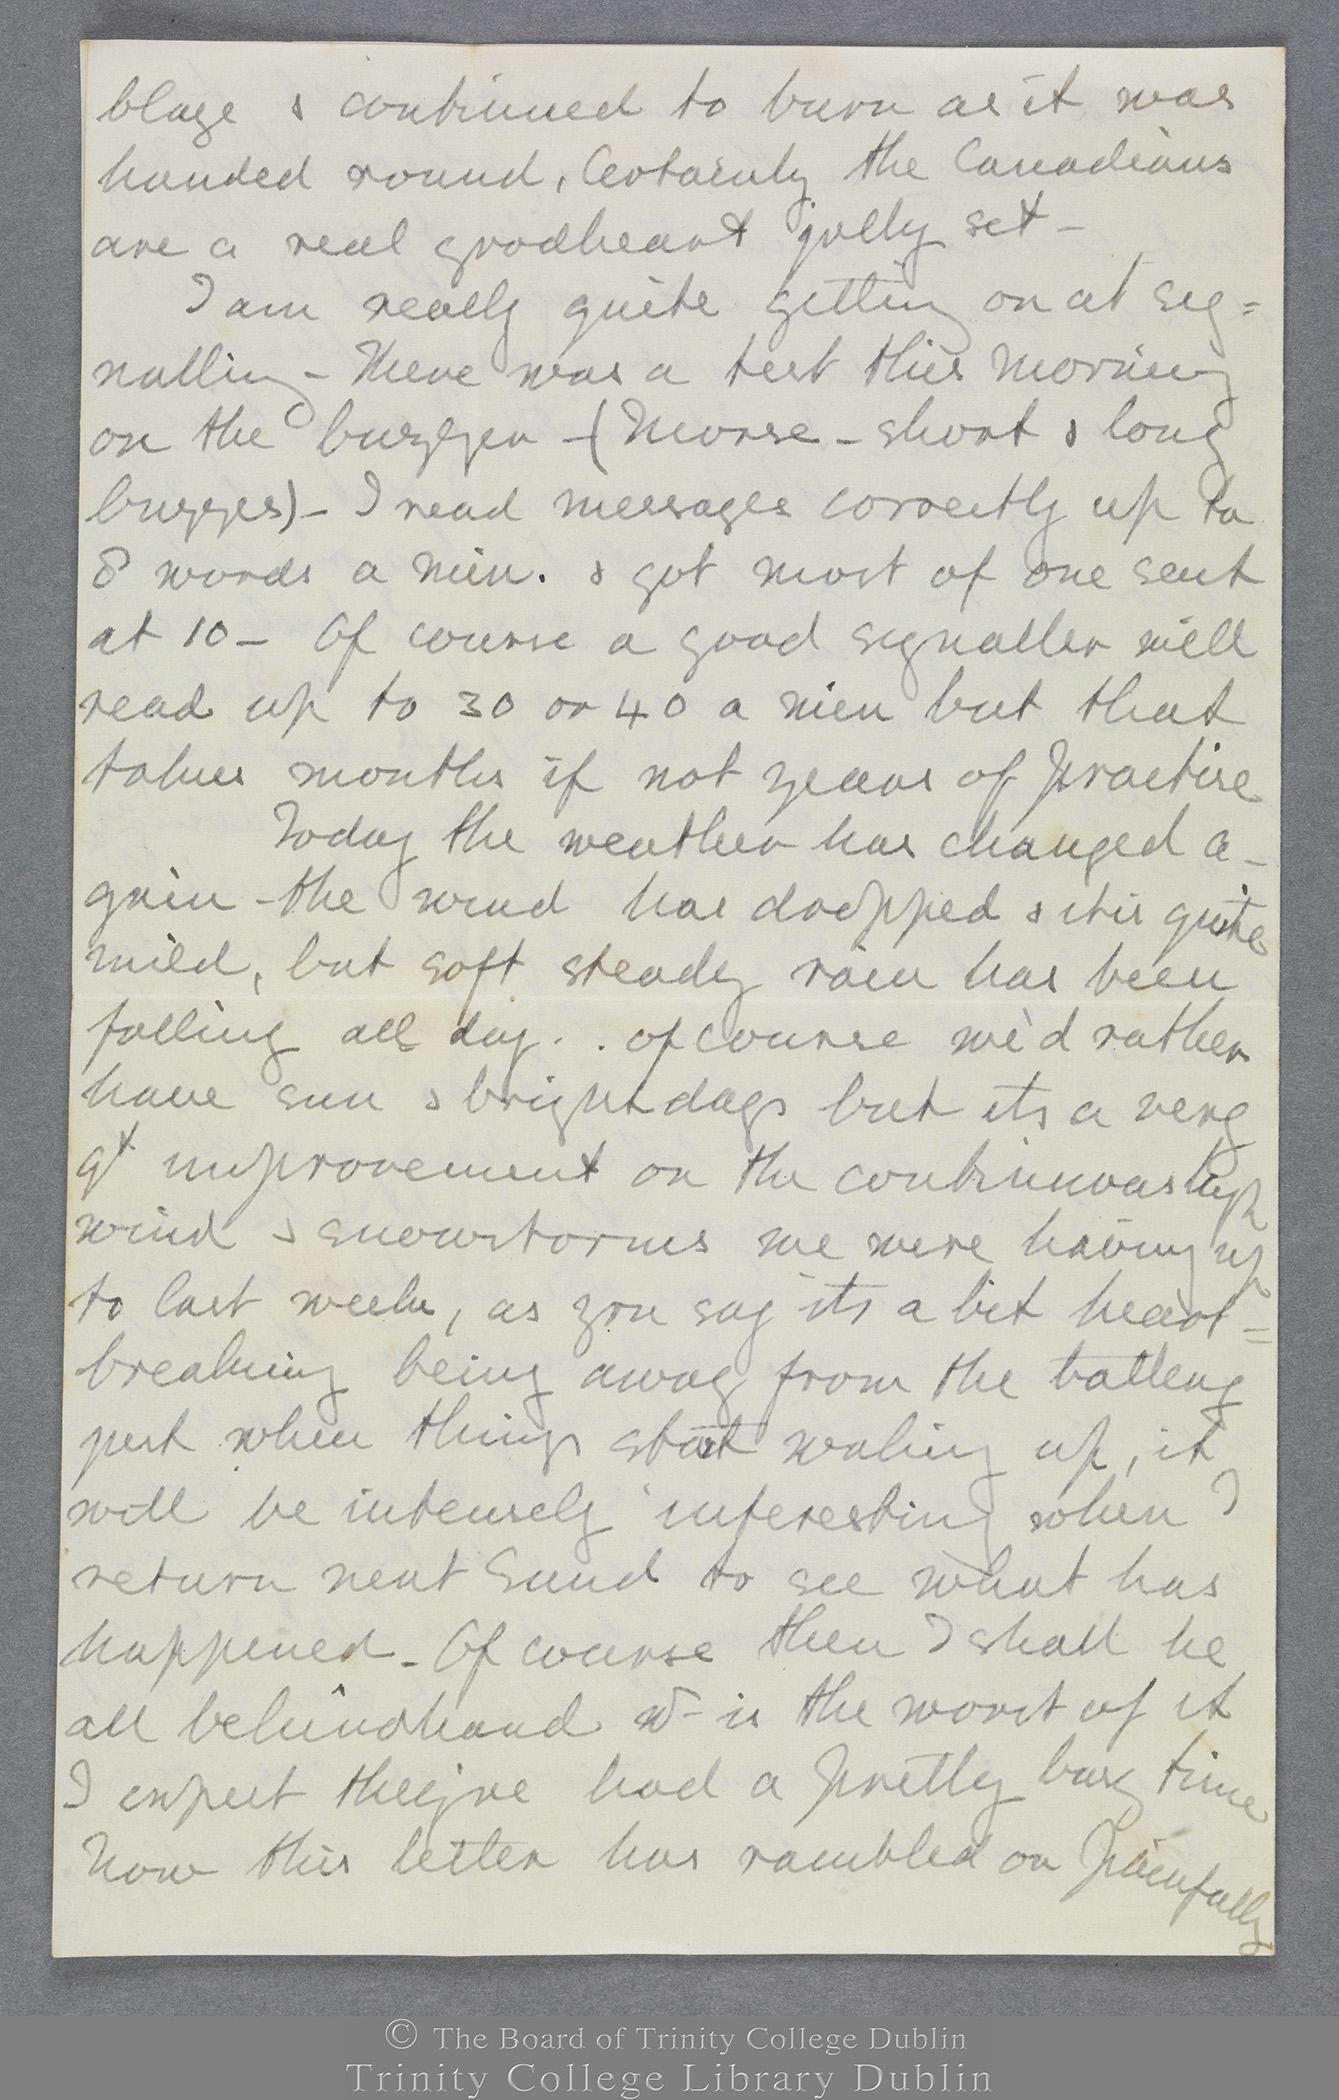 TCD MS 10247/1/833 folio 2 verso